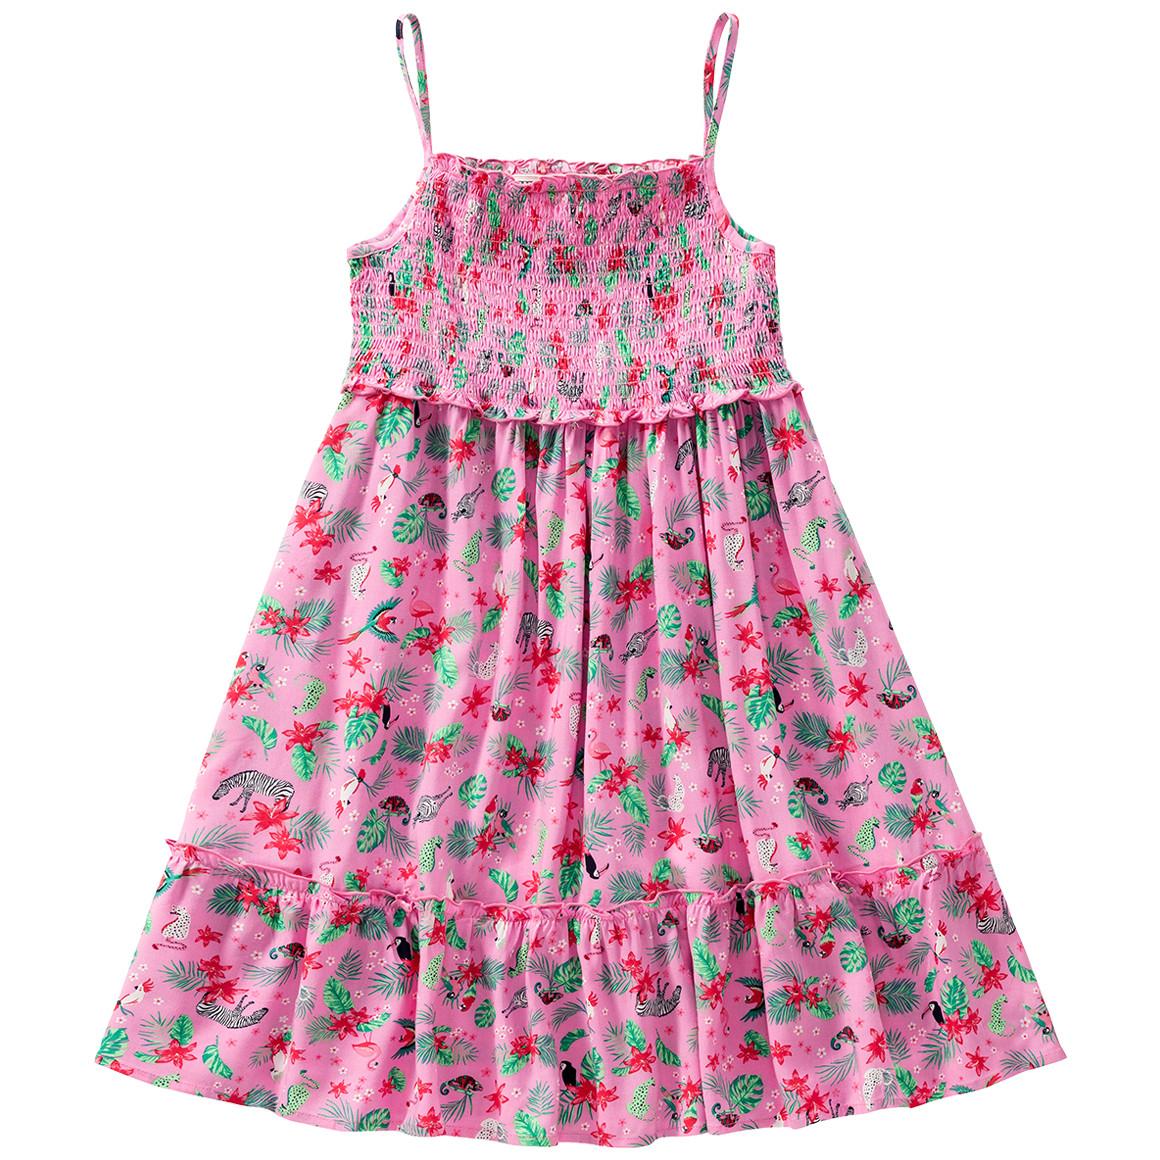 Mädchen Kleid Mit Tropicalprint  Ernsting'S Family